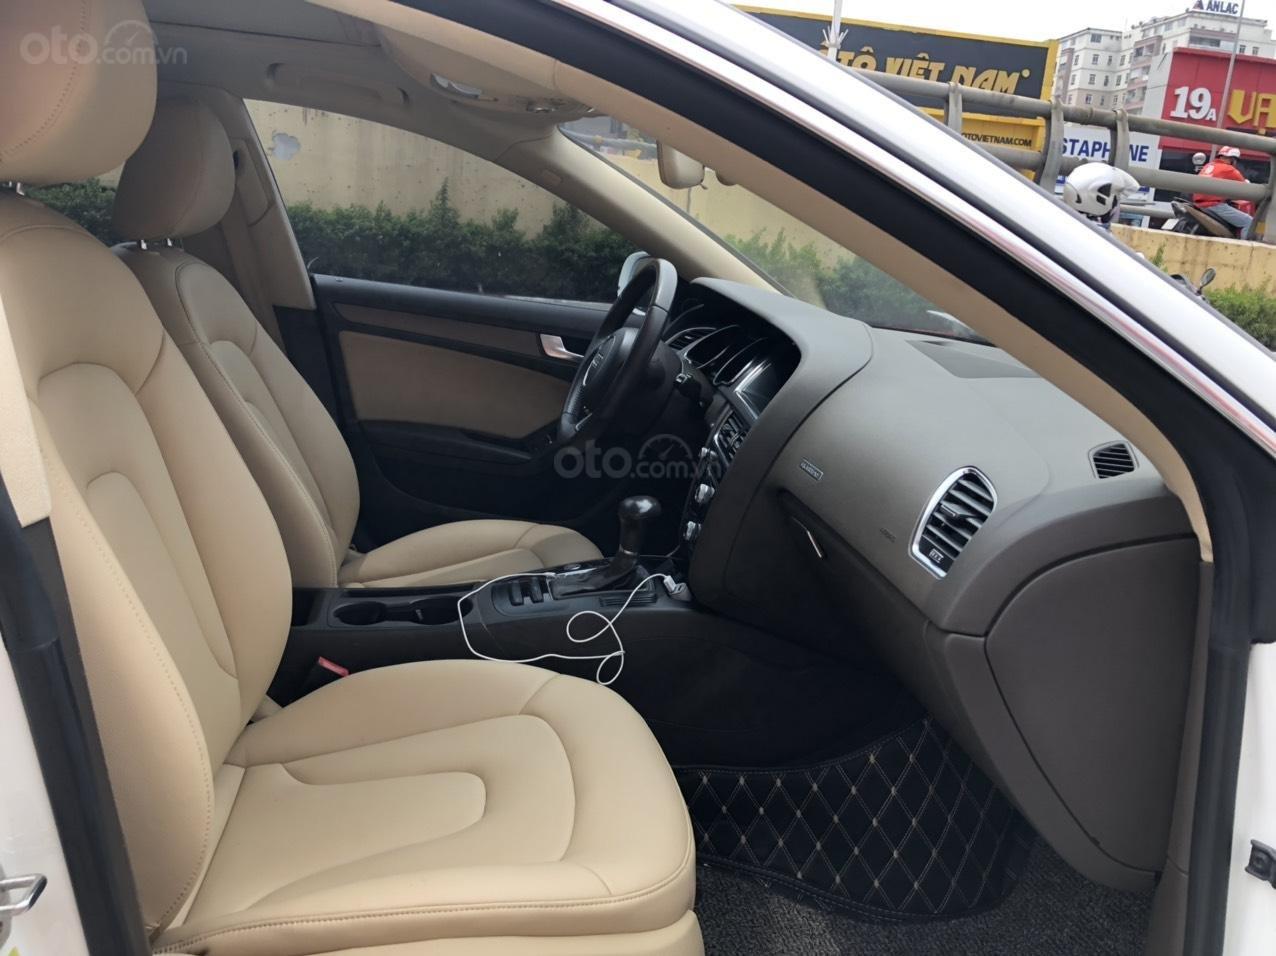 Cần bán lại xe Audi A5 năm 2012, giá tốt (10)